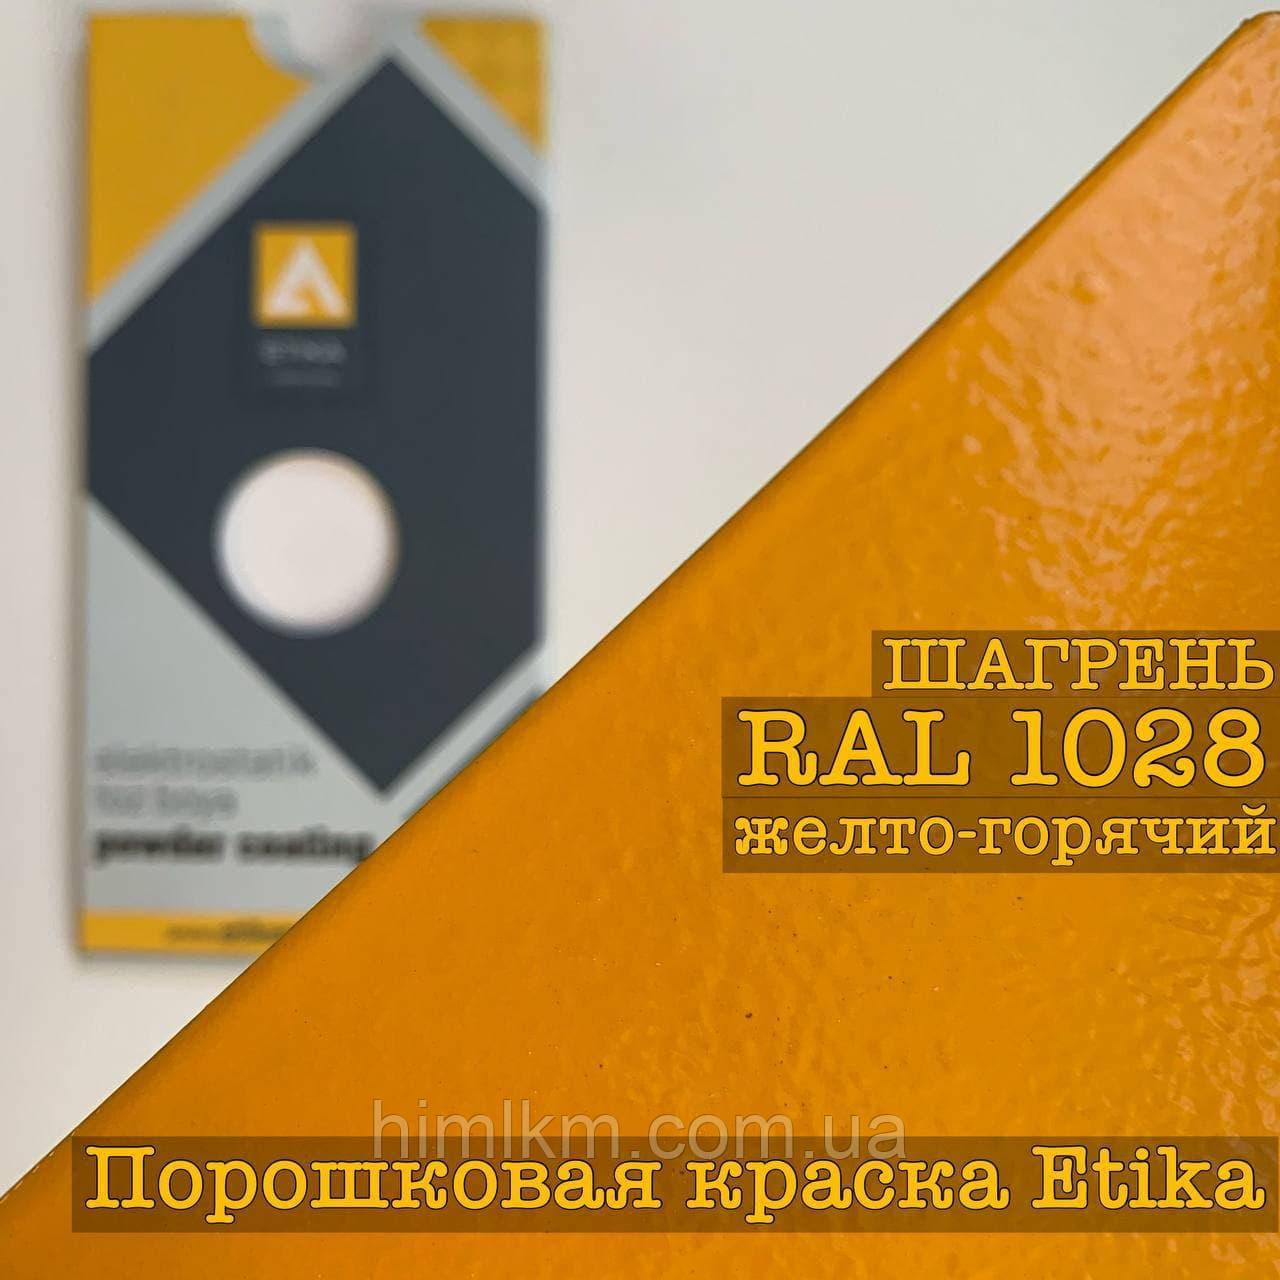 Порошкова фарба шагрень RAL 1028 жовта диня, 25кг Etika